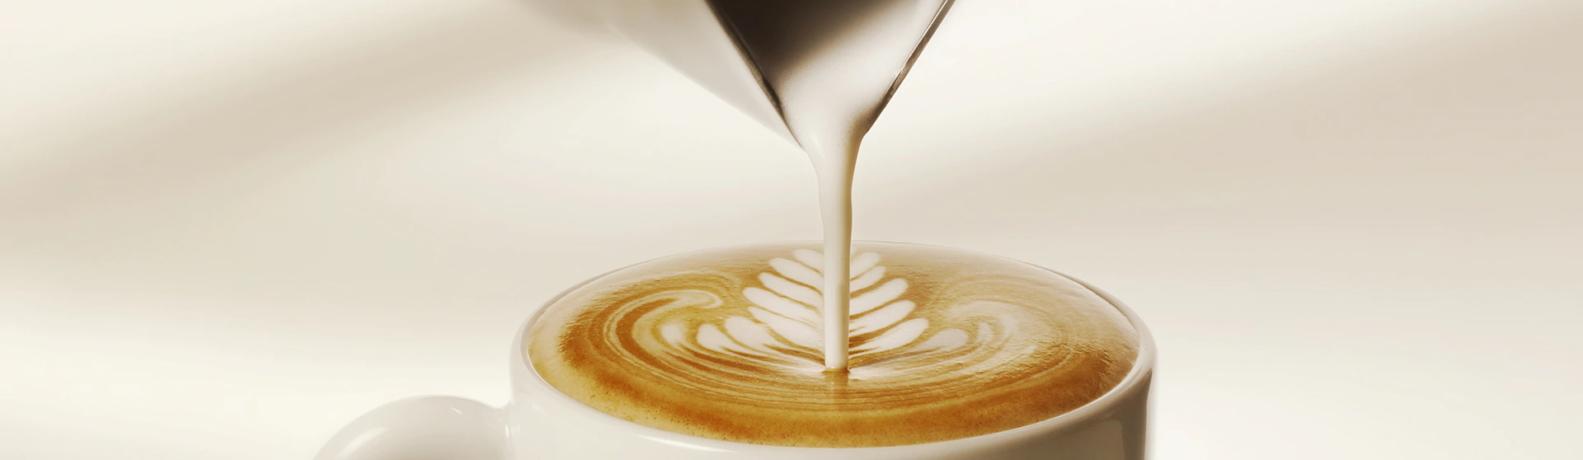 Hoe Maak Je Een Heerlijke Cappuccino